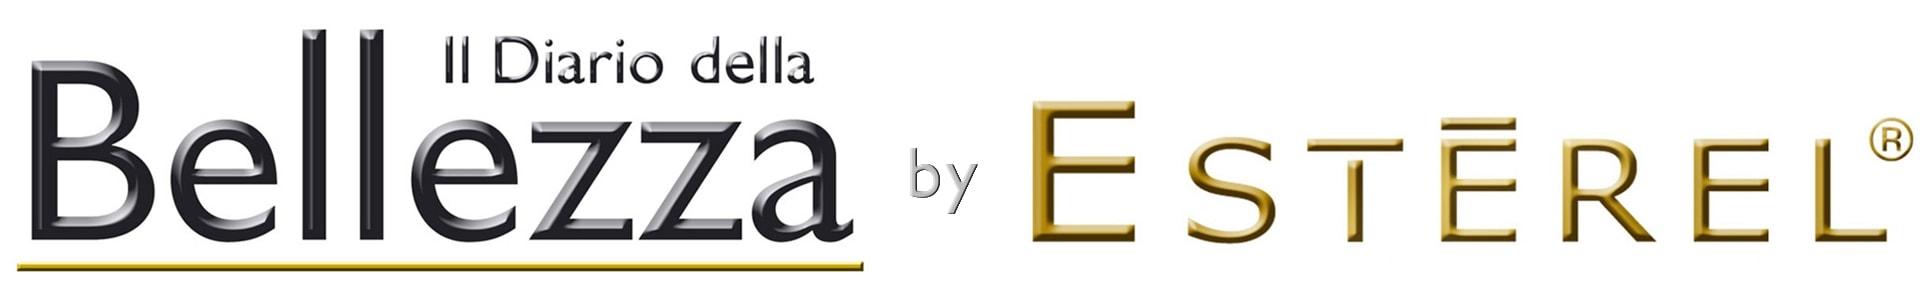 logo-diario-della-bellezza-3 (002)-min